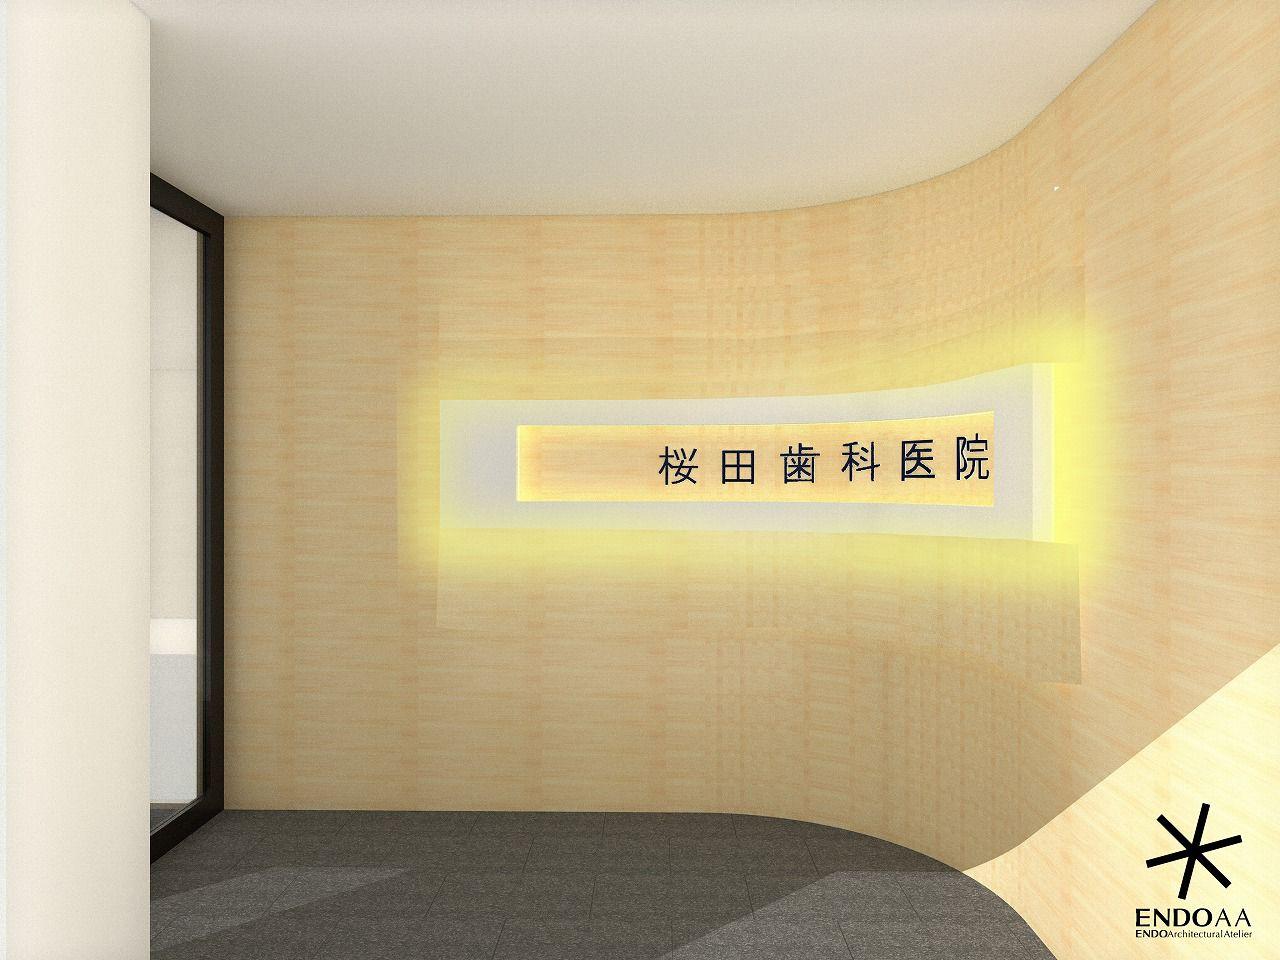 桜田歯科医院(設計)